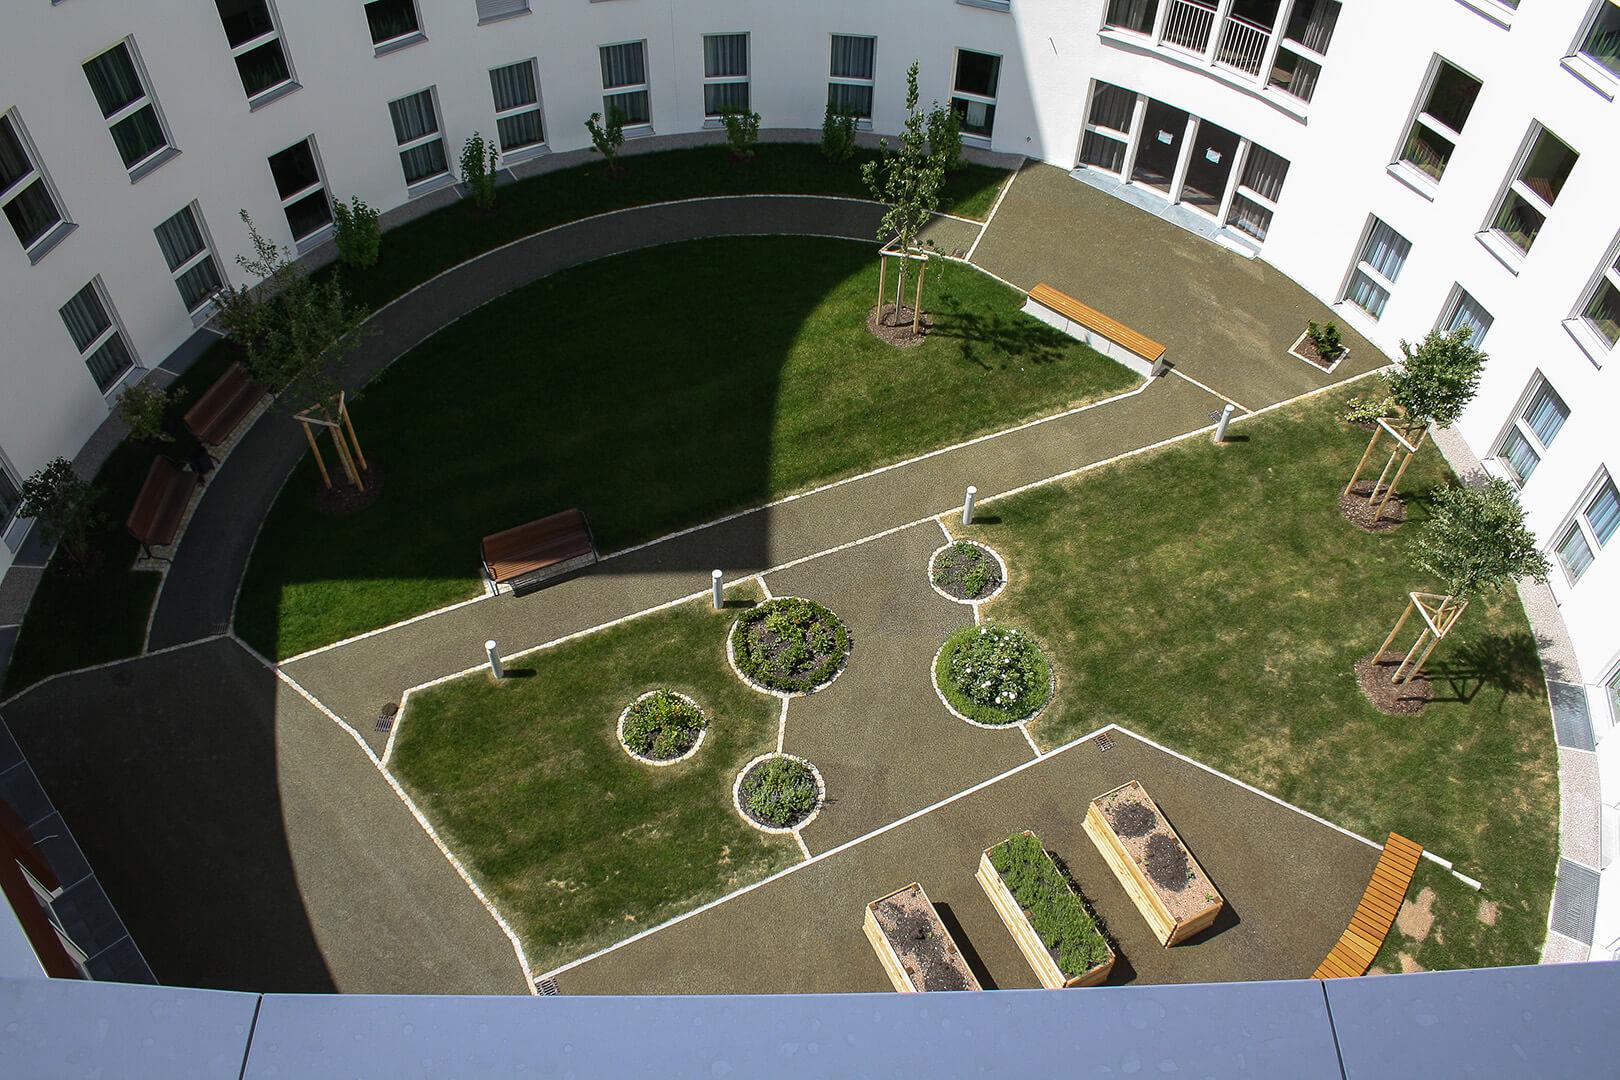 evangelisches pflegezentrum m nchen sendling batzer hartmann planungsgesellschaft mbh. Black Bedroom Furniture Sets. Home Design Ideas